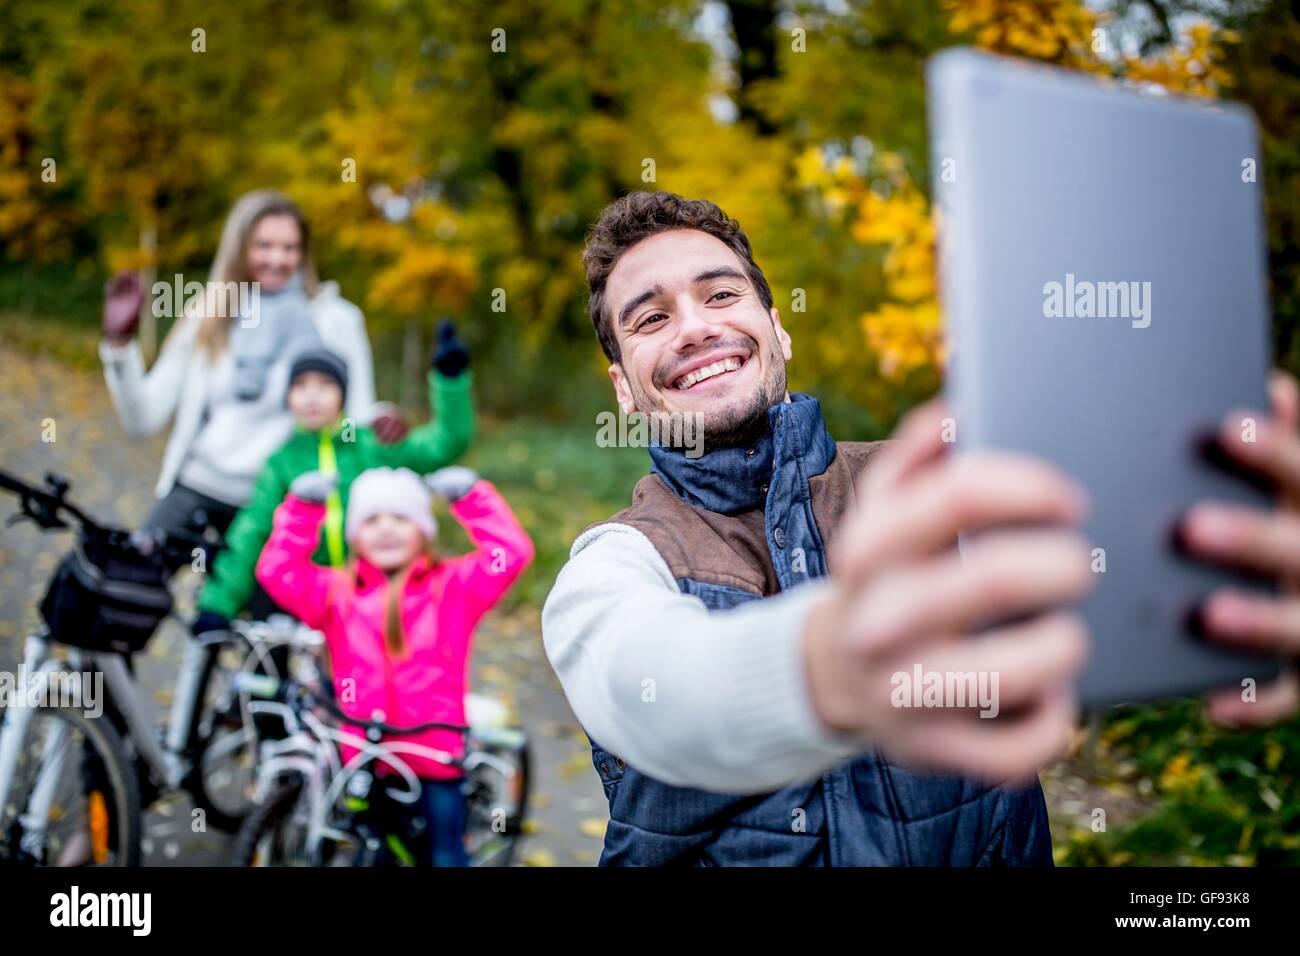 Modello rilasciato. Uomo sorridente prendendo foto di famiglia. Immagini Stock